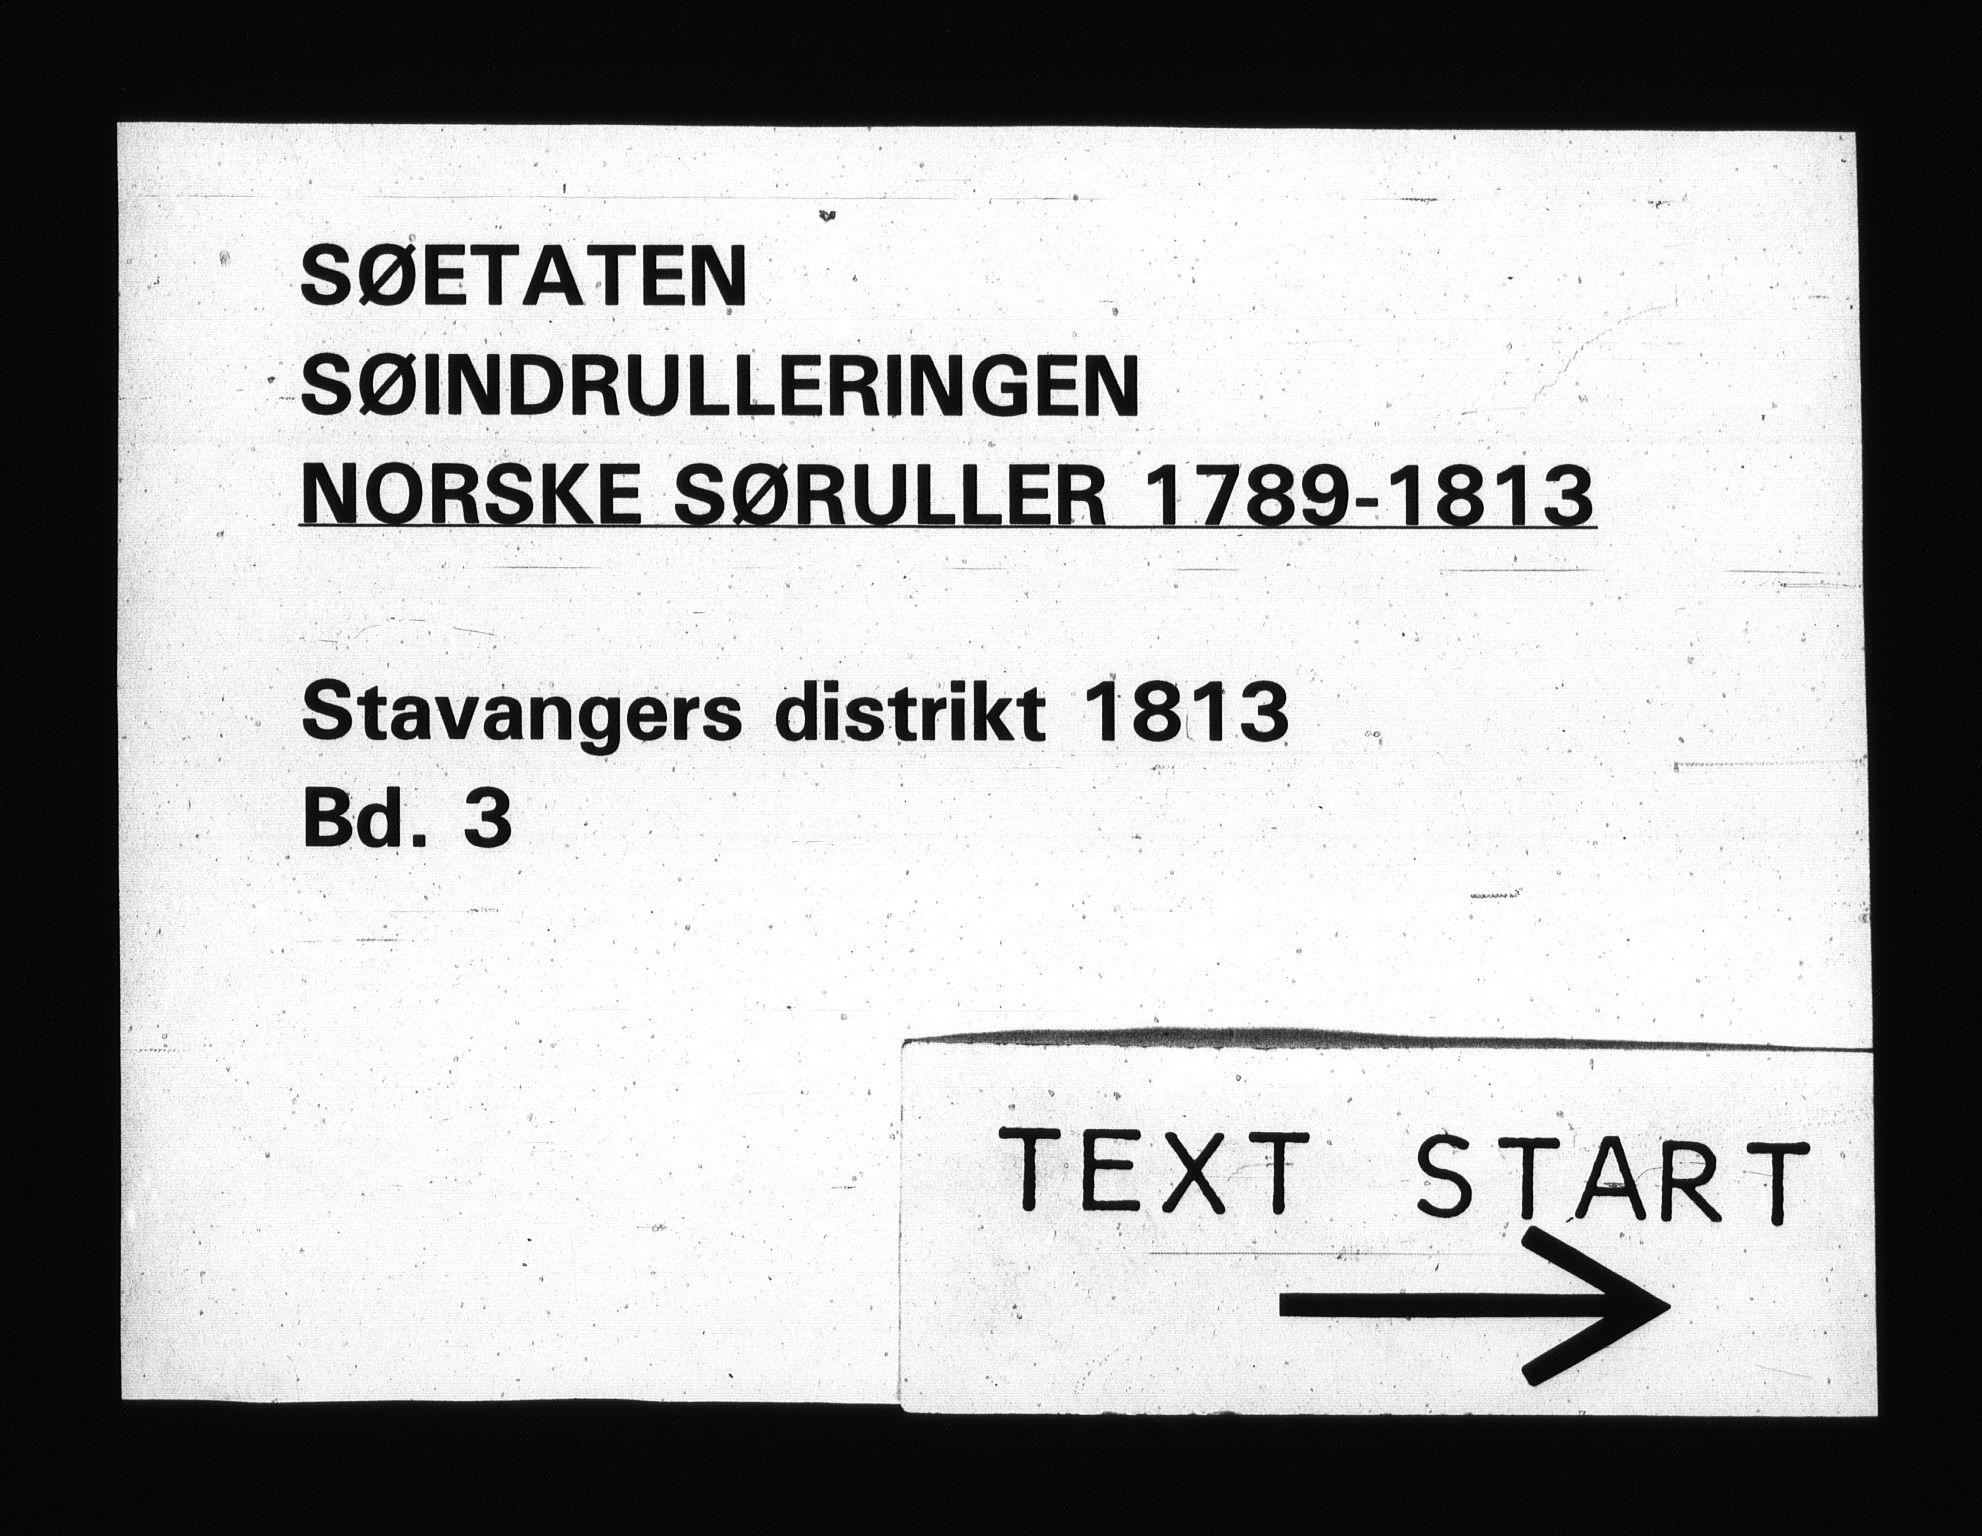 RA, Sjøetaten, F/L0304: Stavanger distrikt, bind 3, 1813